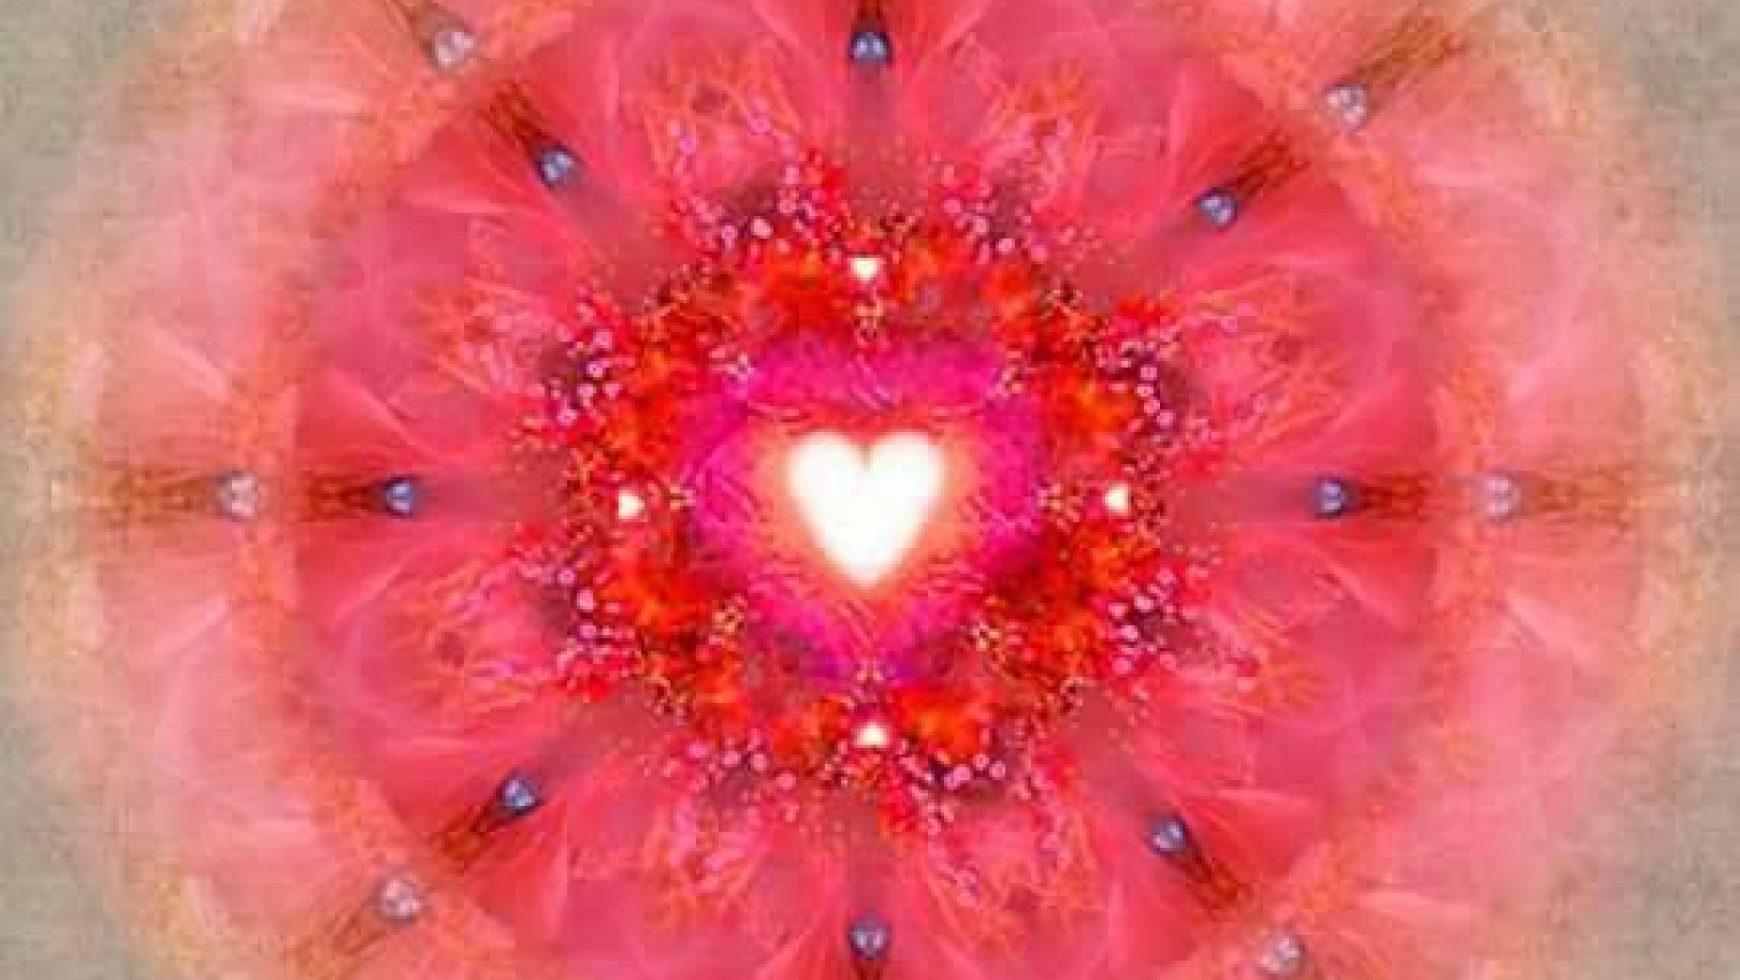 De Leeuwenpoort 2, de glans van Liefde.